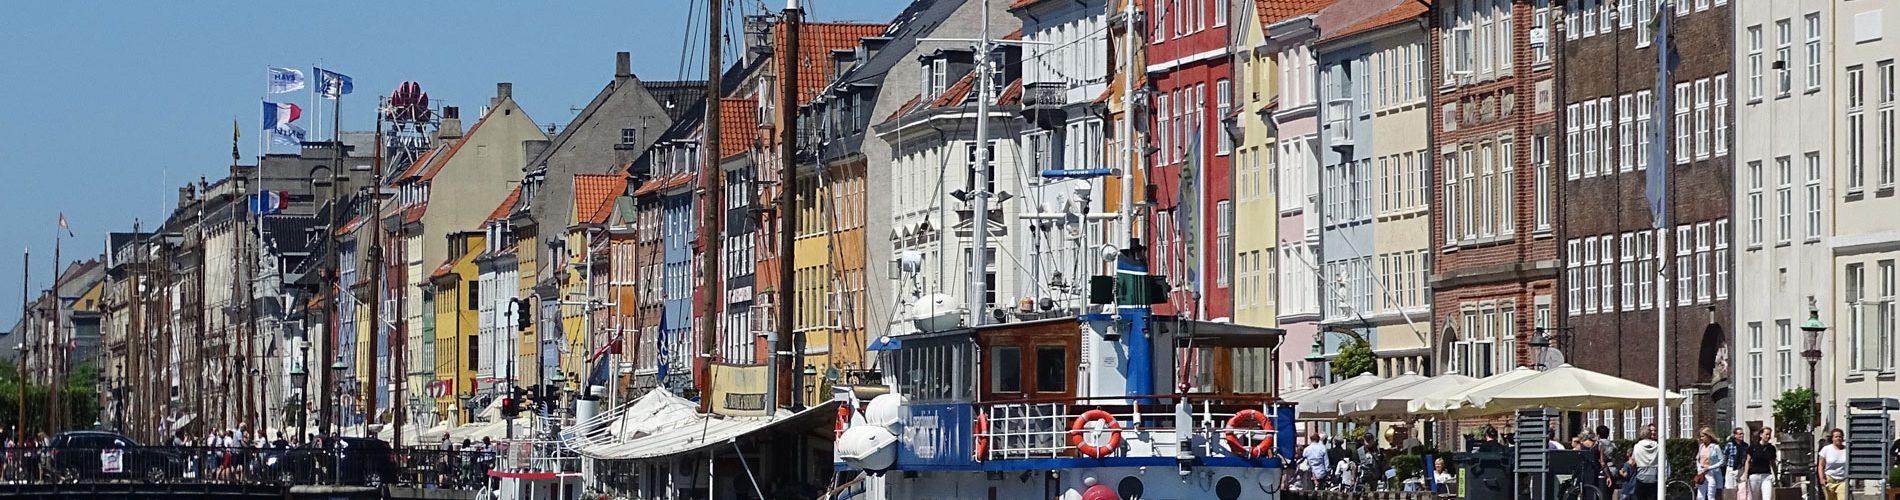 Copenhagen-Nyhavn-header